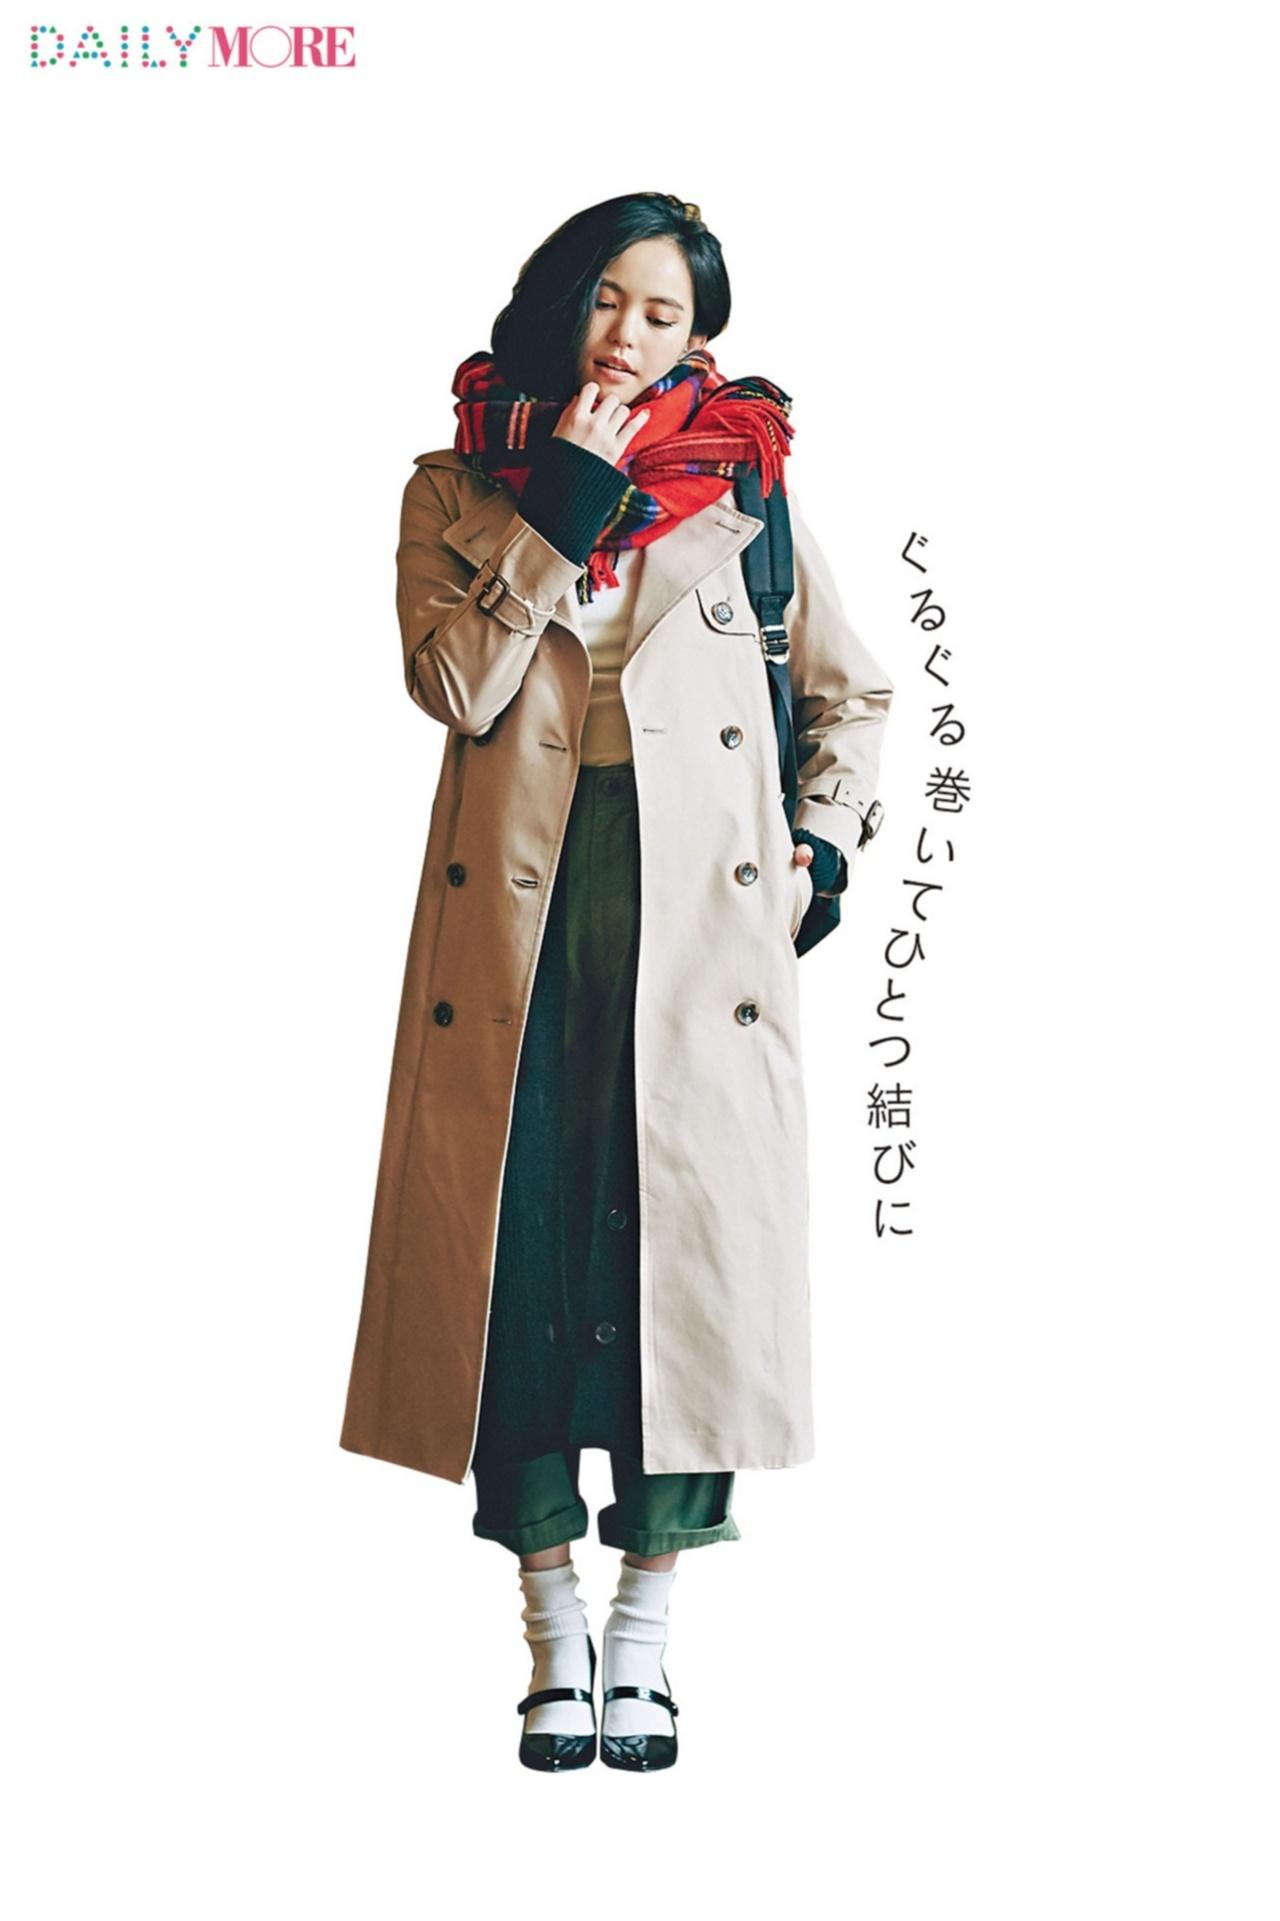 クリスマスに間に合う! 「スーツ男子」に似合うコーデはこれ♡ 今週の人気ランキングトップ3!_2